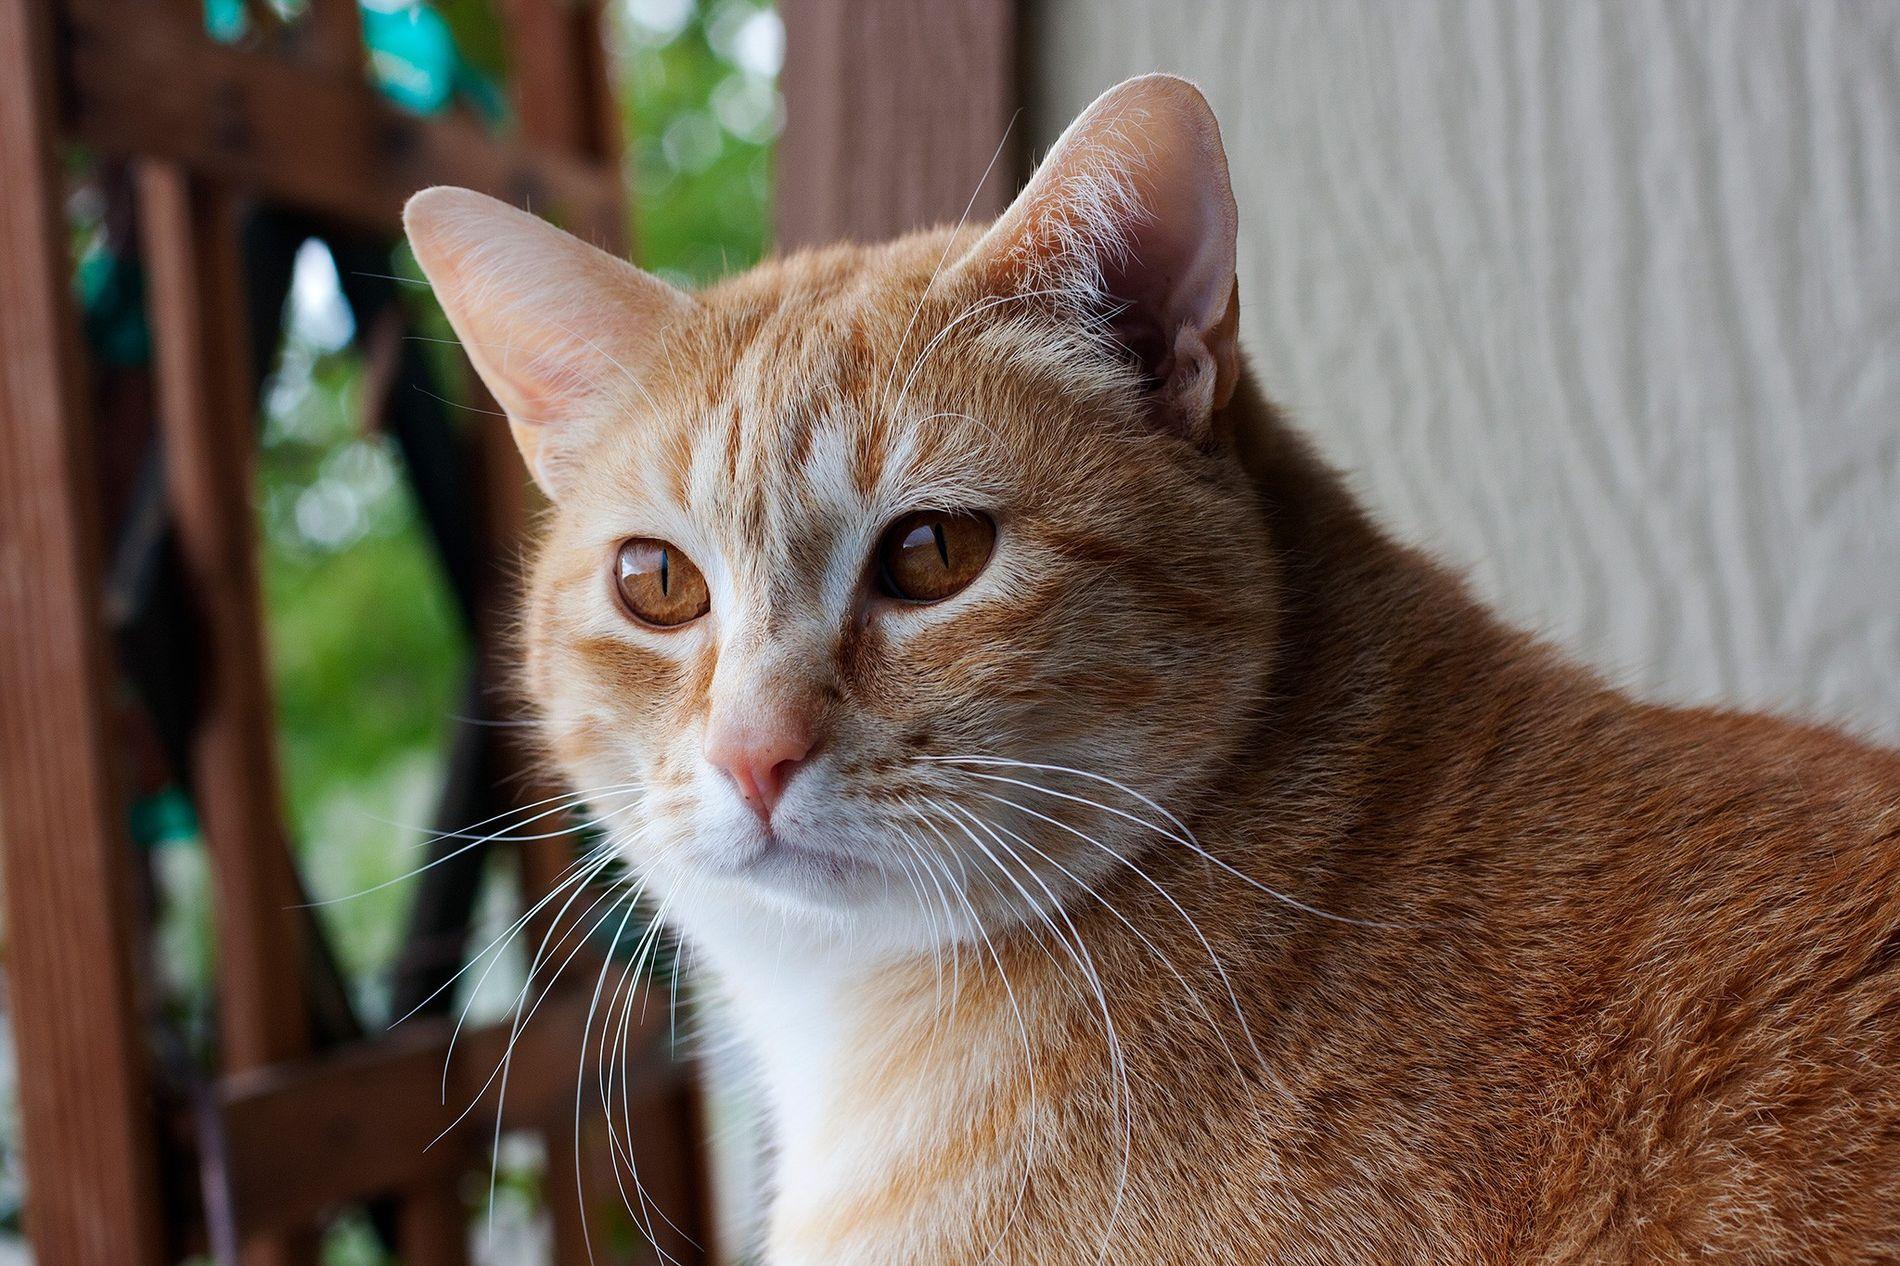 Os gatos associam o nome próprio a recompensas, como carinho e comida.